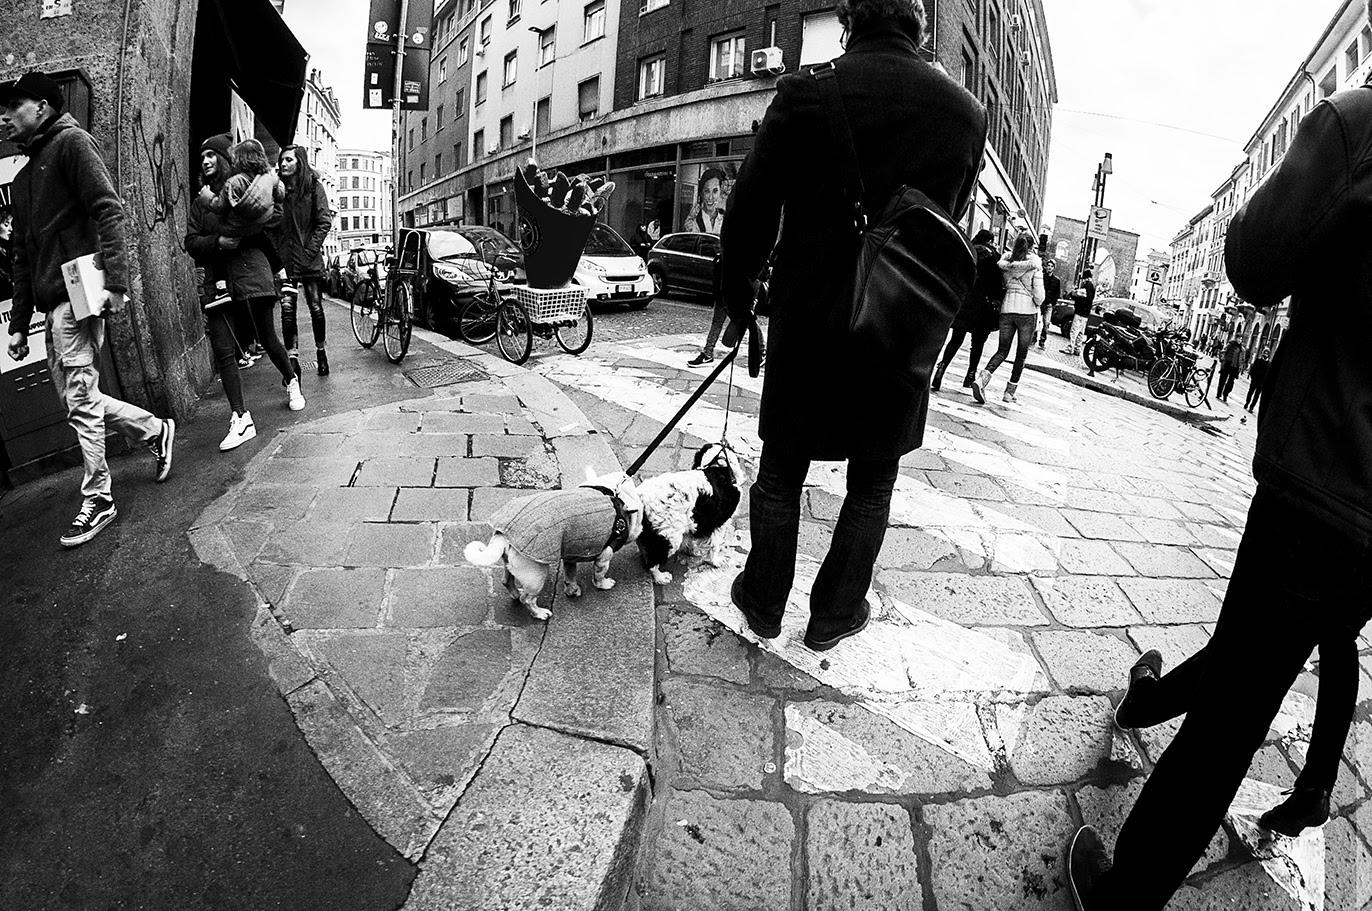 MILUNA-Ewa-Milun-Walczak-Mediolan-ludzie-ulica-przechodzni-mediolanczycy-Przechodnie-15